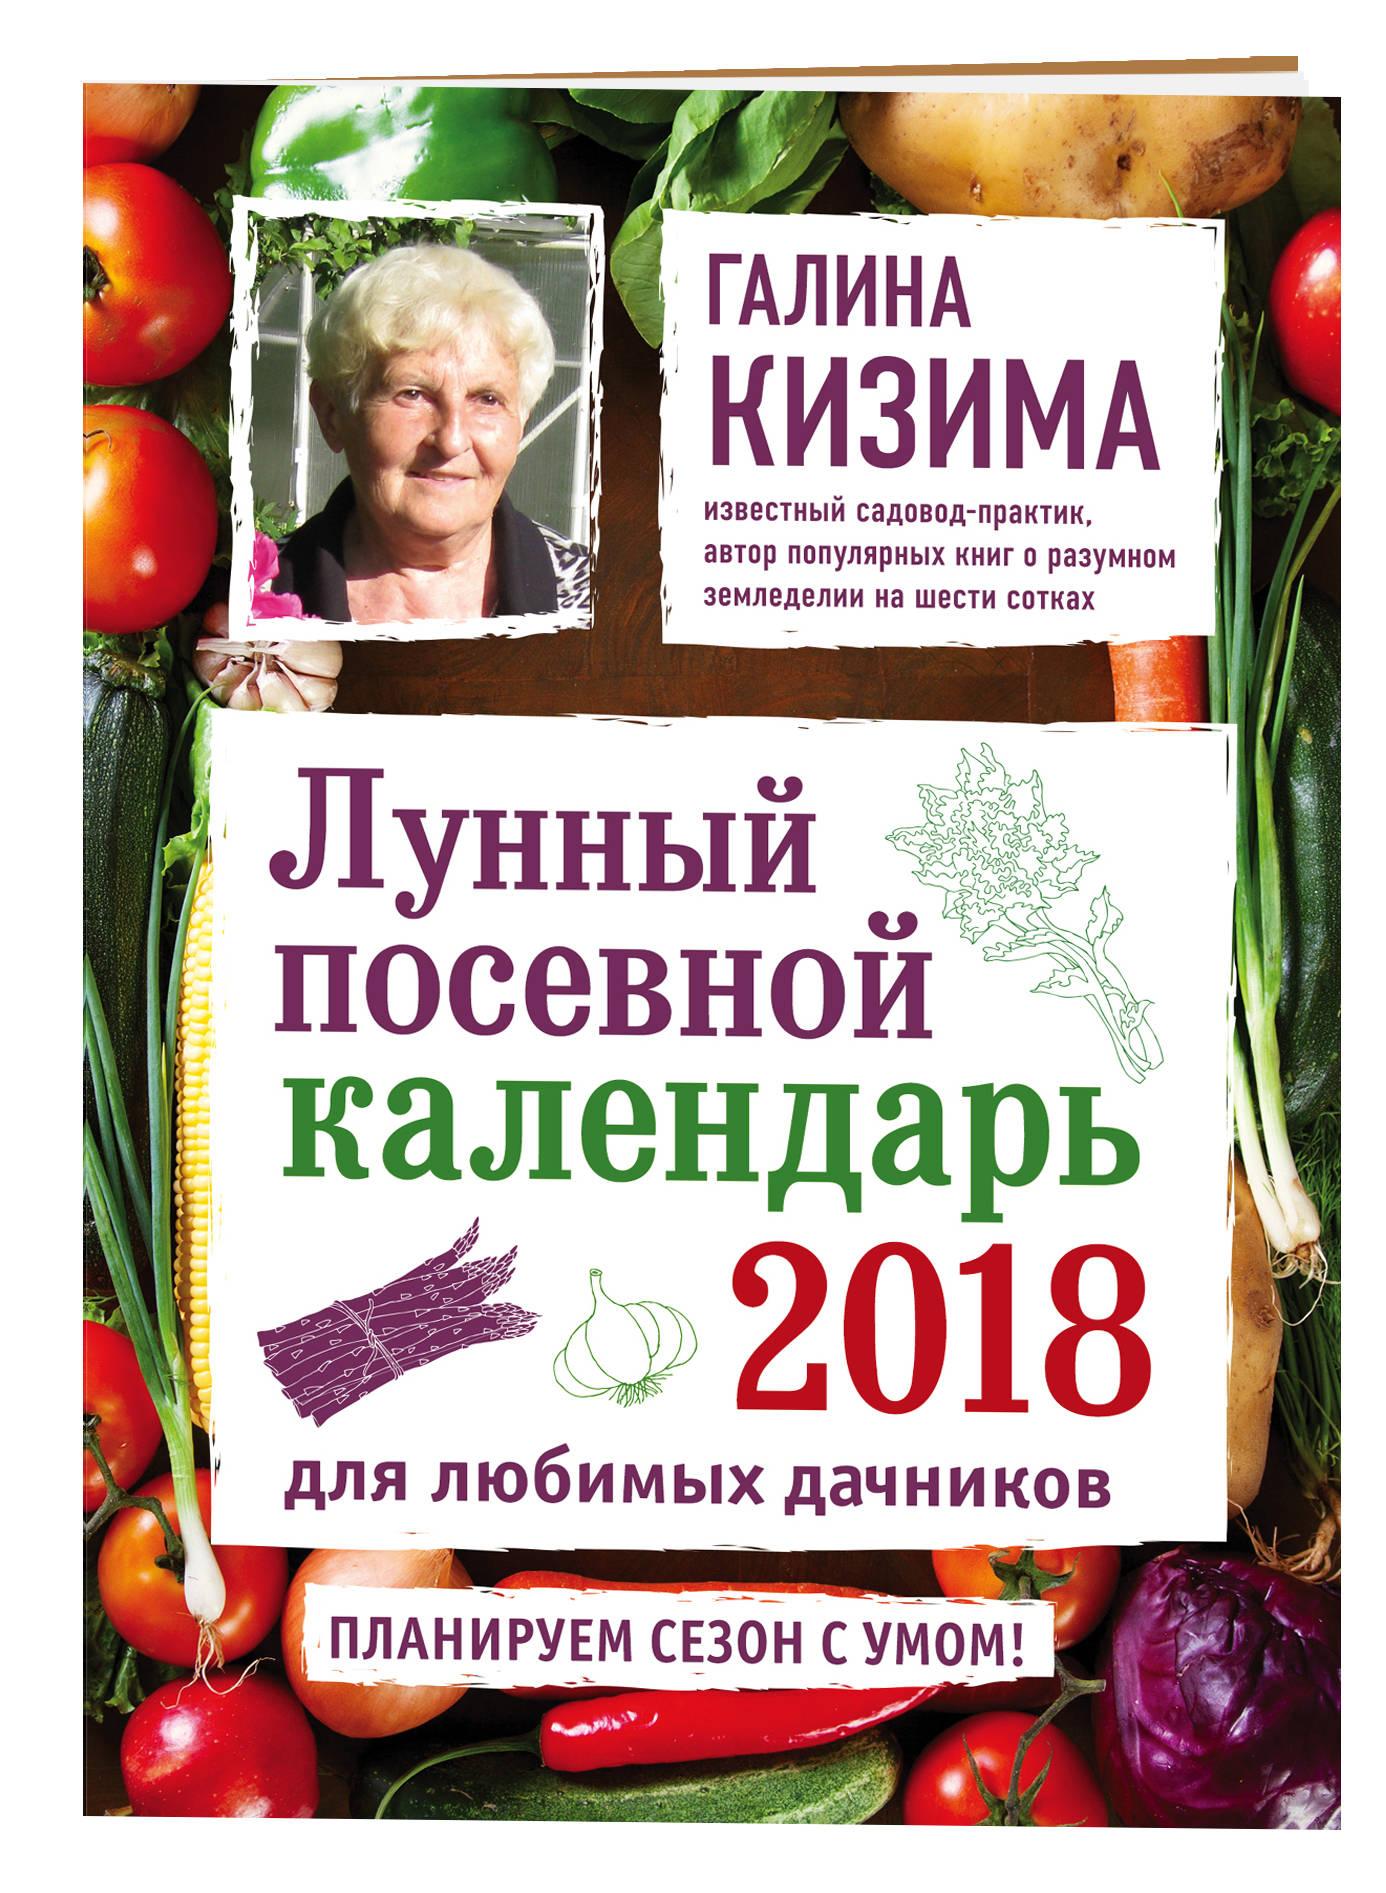 Галина Кизима Лунный посевной календарь для любимых дачников 2018